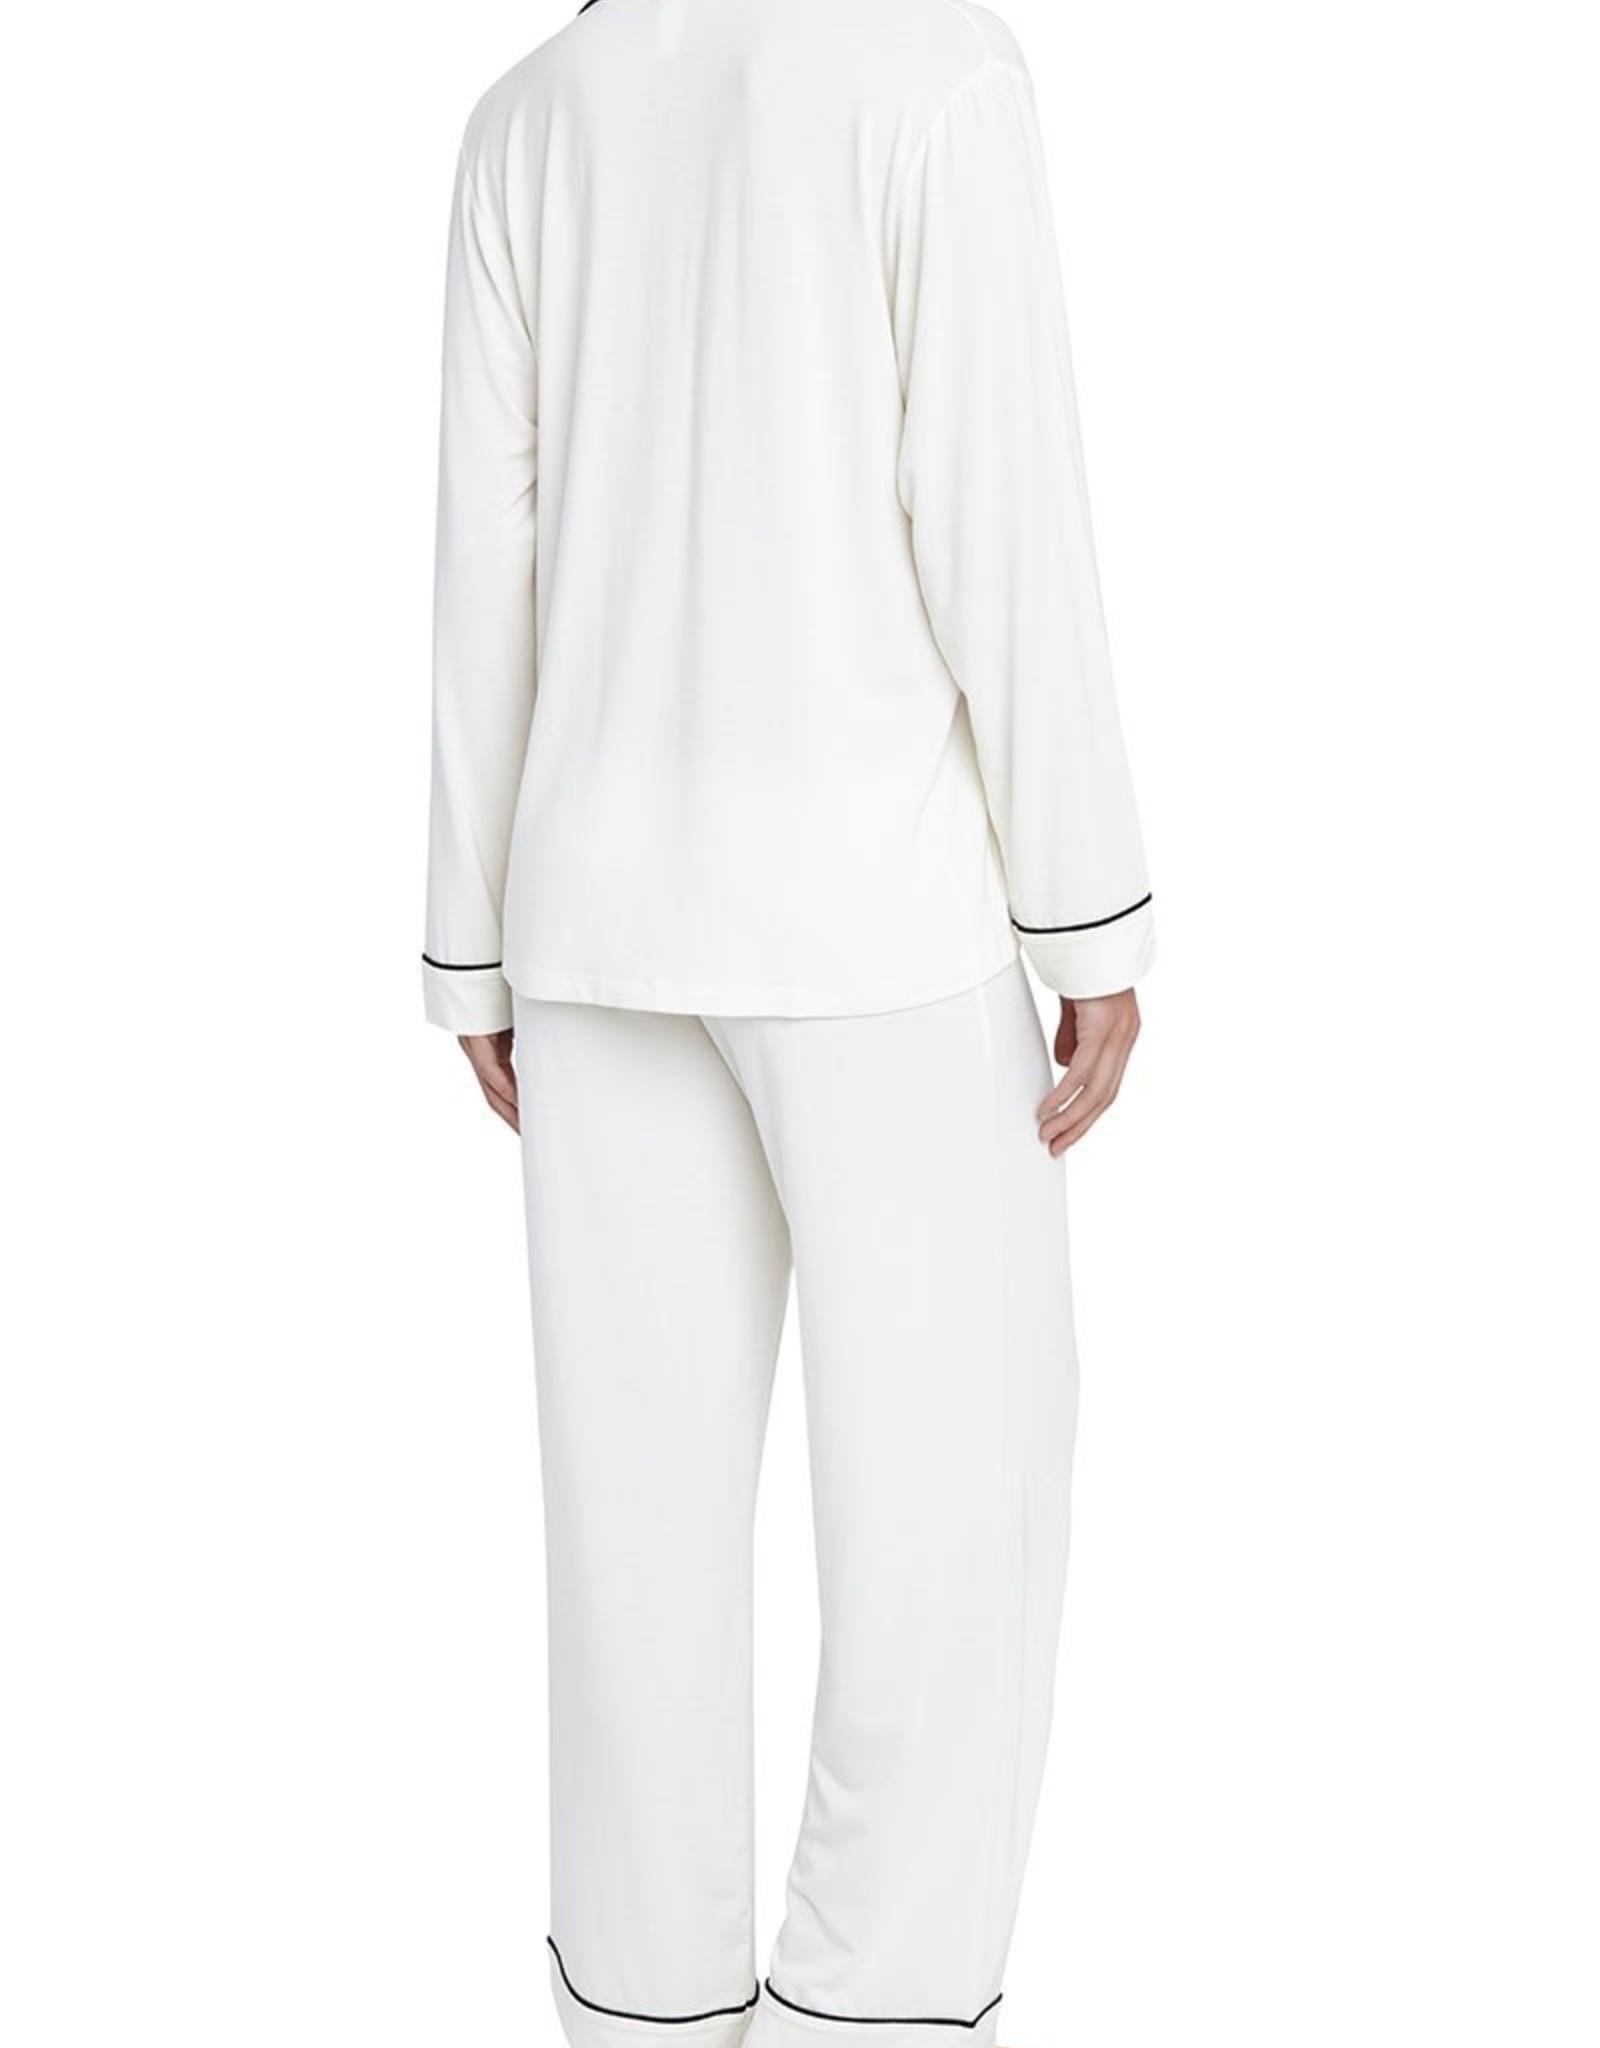 Eberjey Intimates Gisele Pajama Set